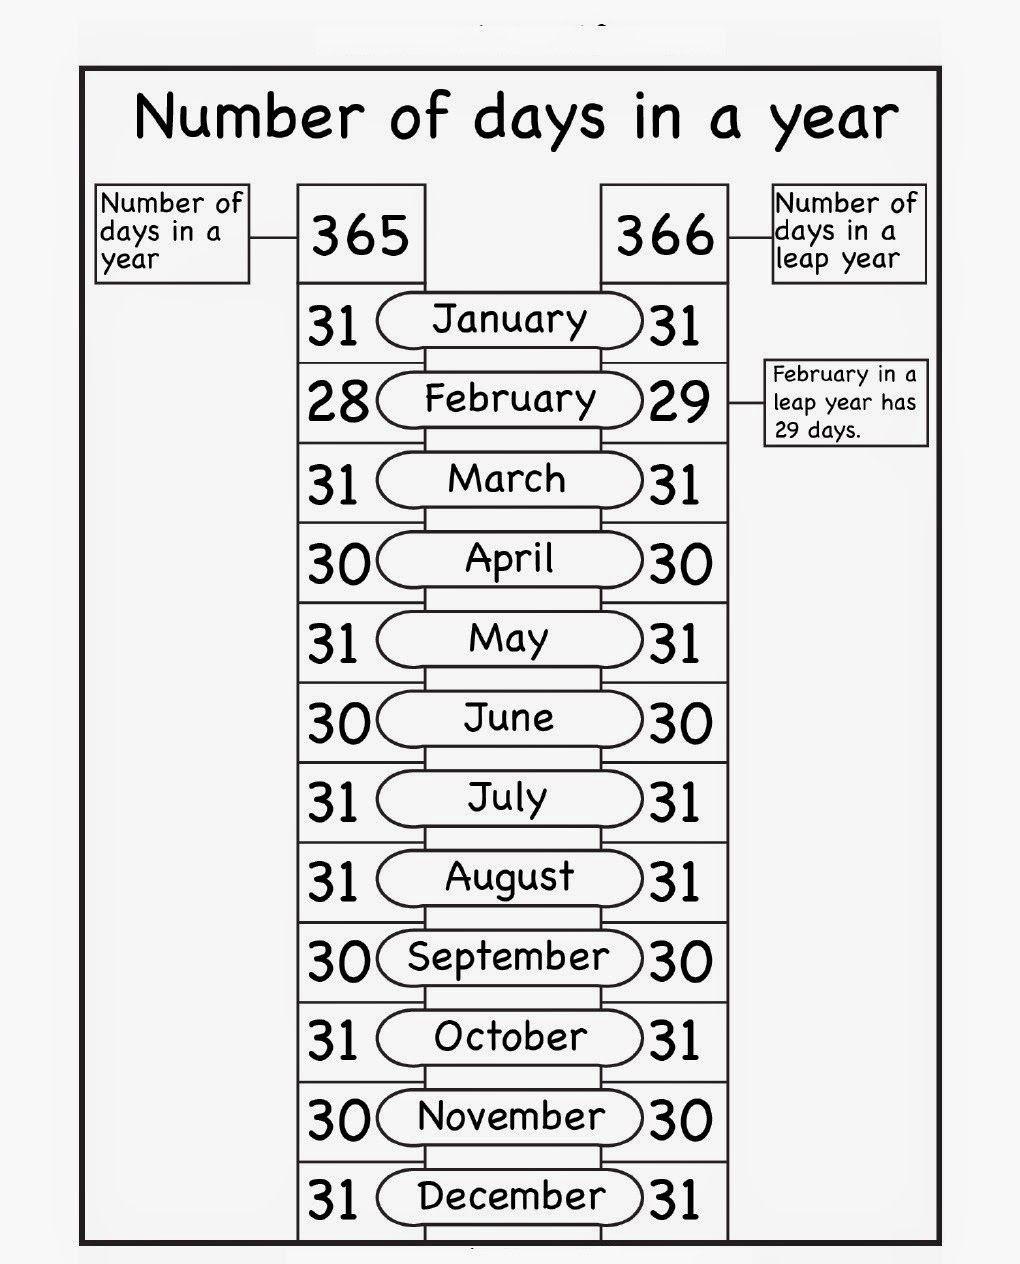 Depo Provera Calendar July 2018